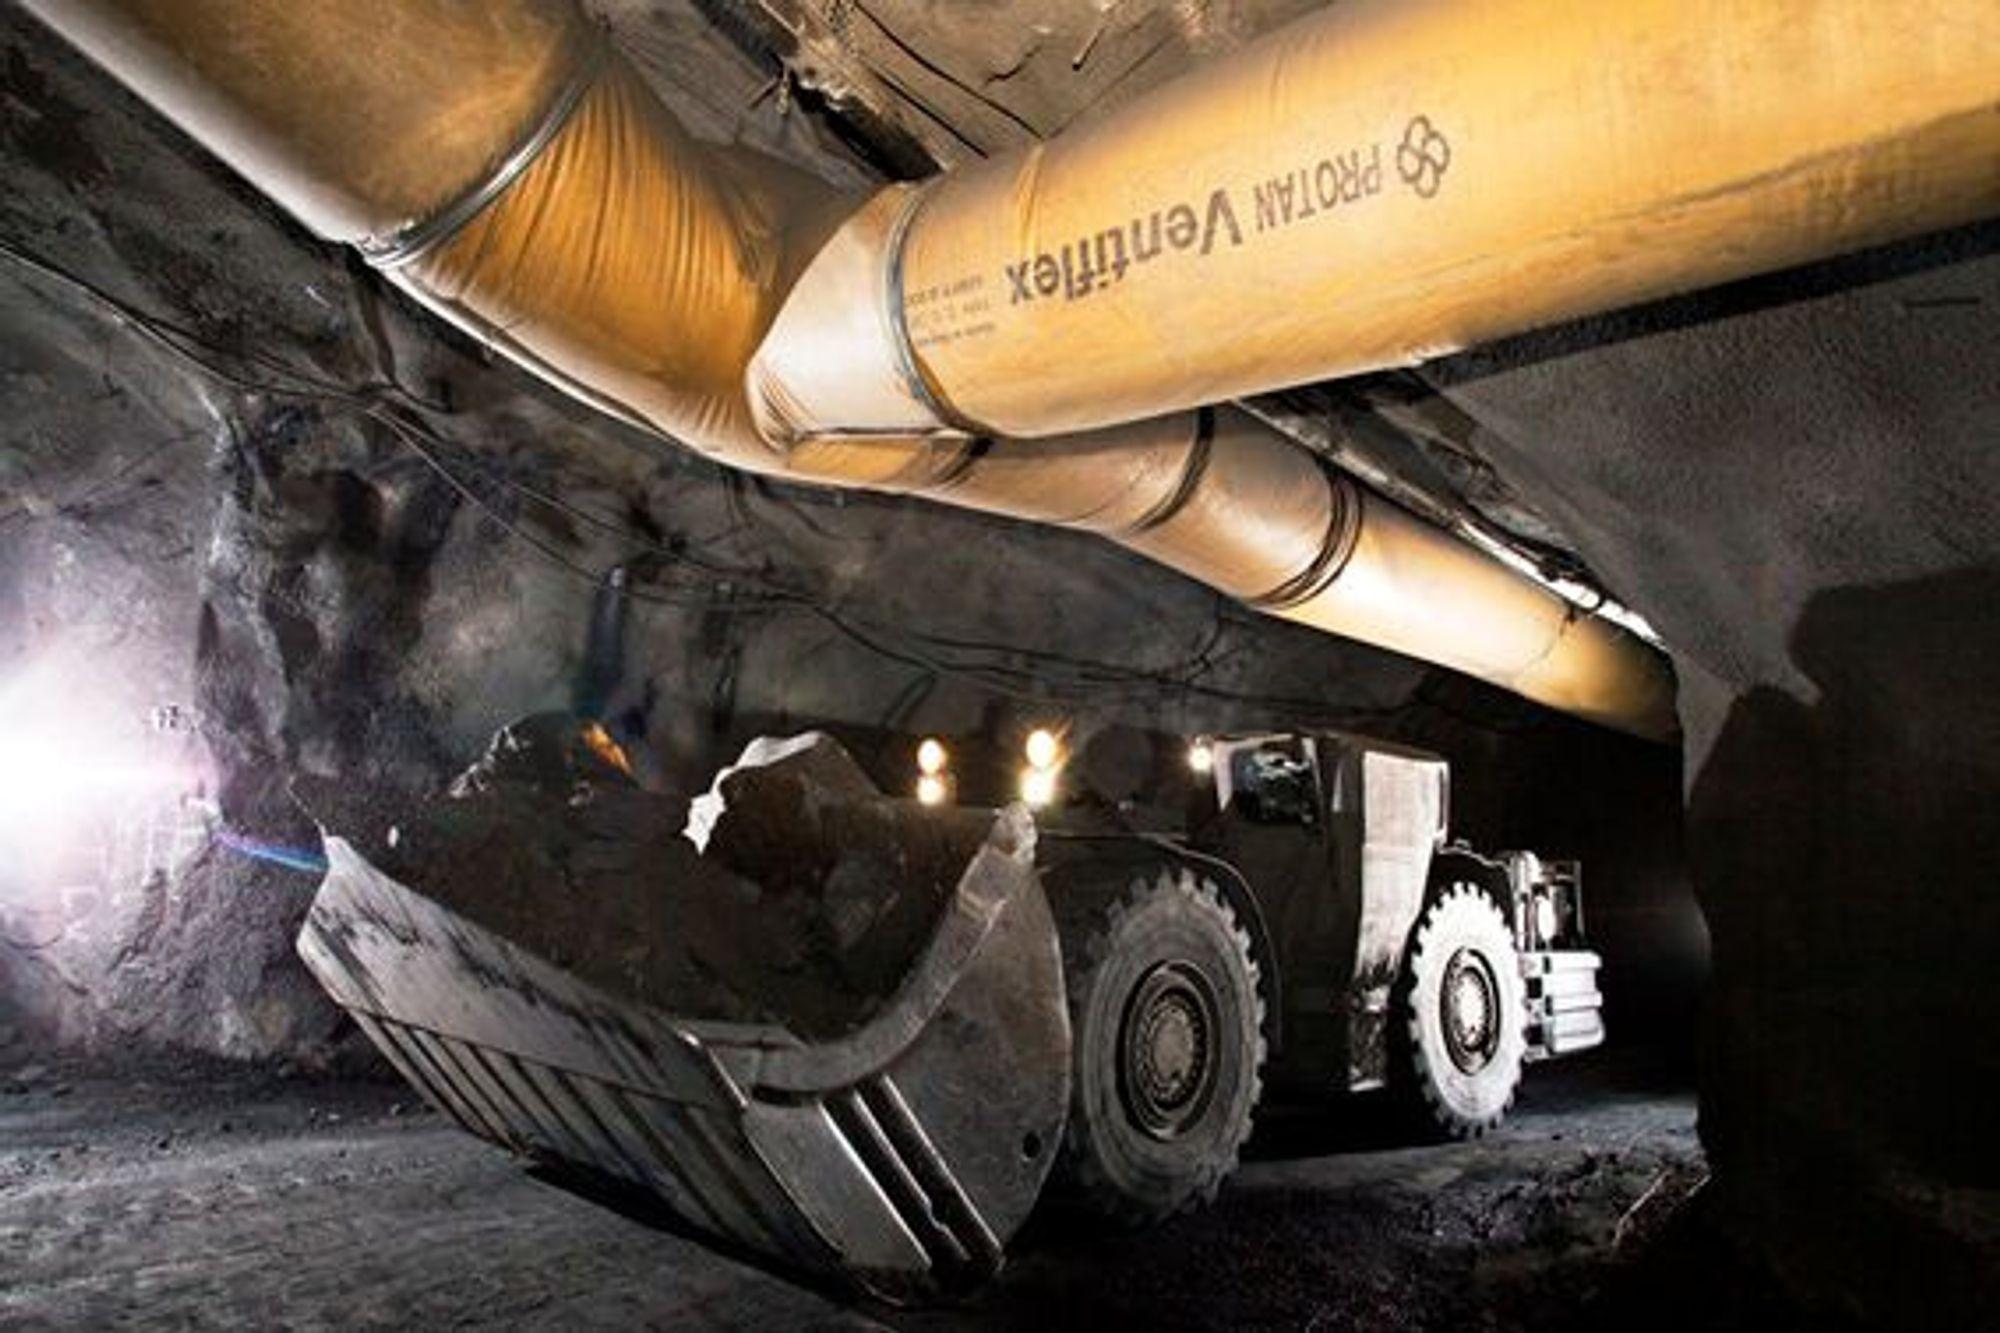 Selskapet Protan leverer PVC-rør som benyttes i tunneler under utgraving. Miljøorganisasjoner reagerer på materialvalget.